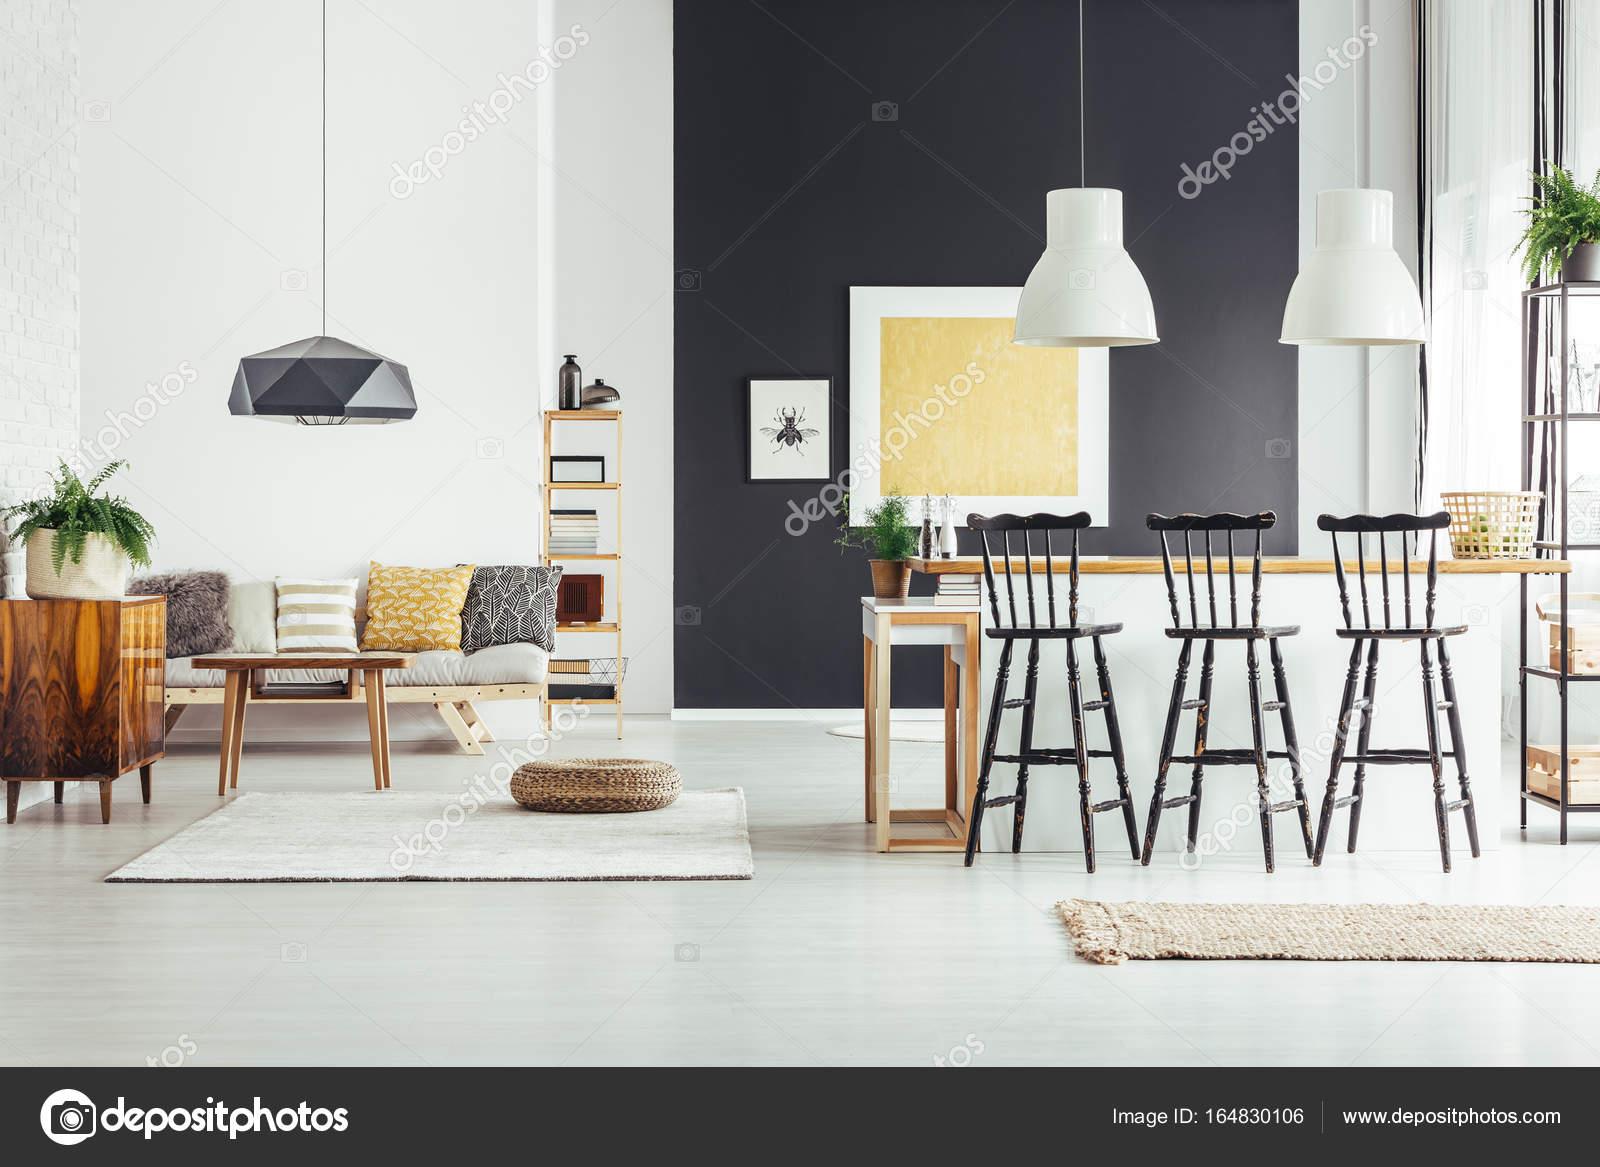 Casa tabourets en casa tabouret noir 30x30x30cm coffre ebay